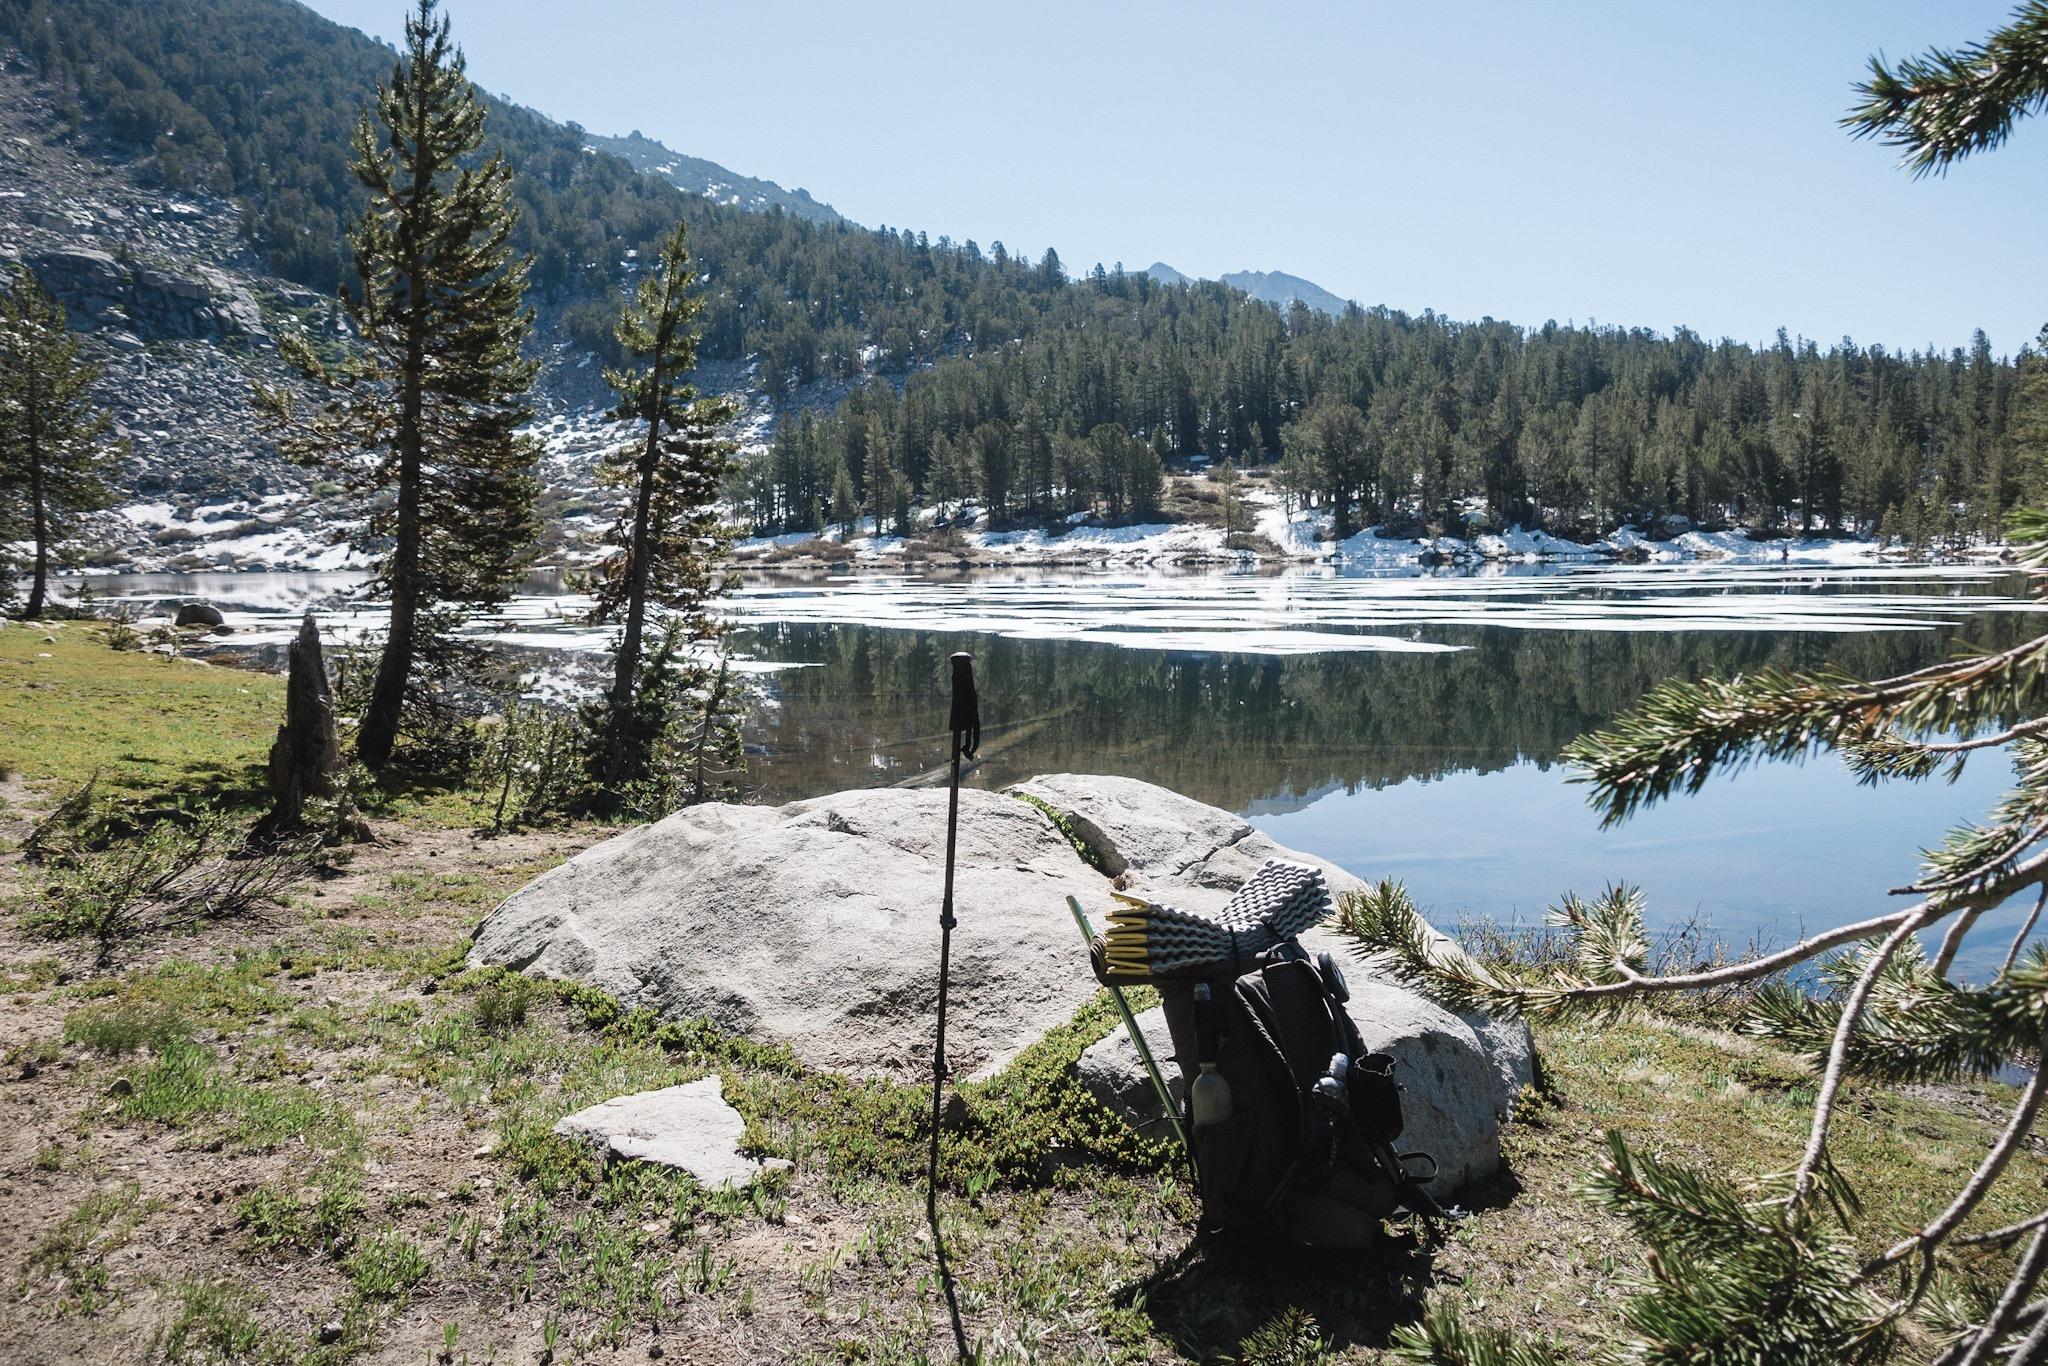 My little break by the lake.